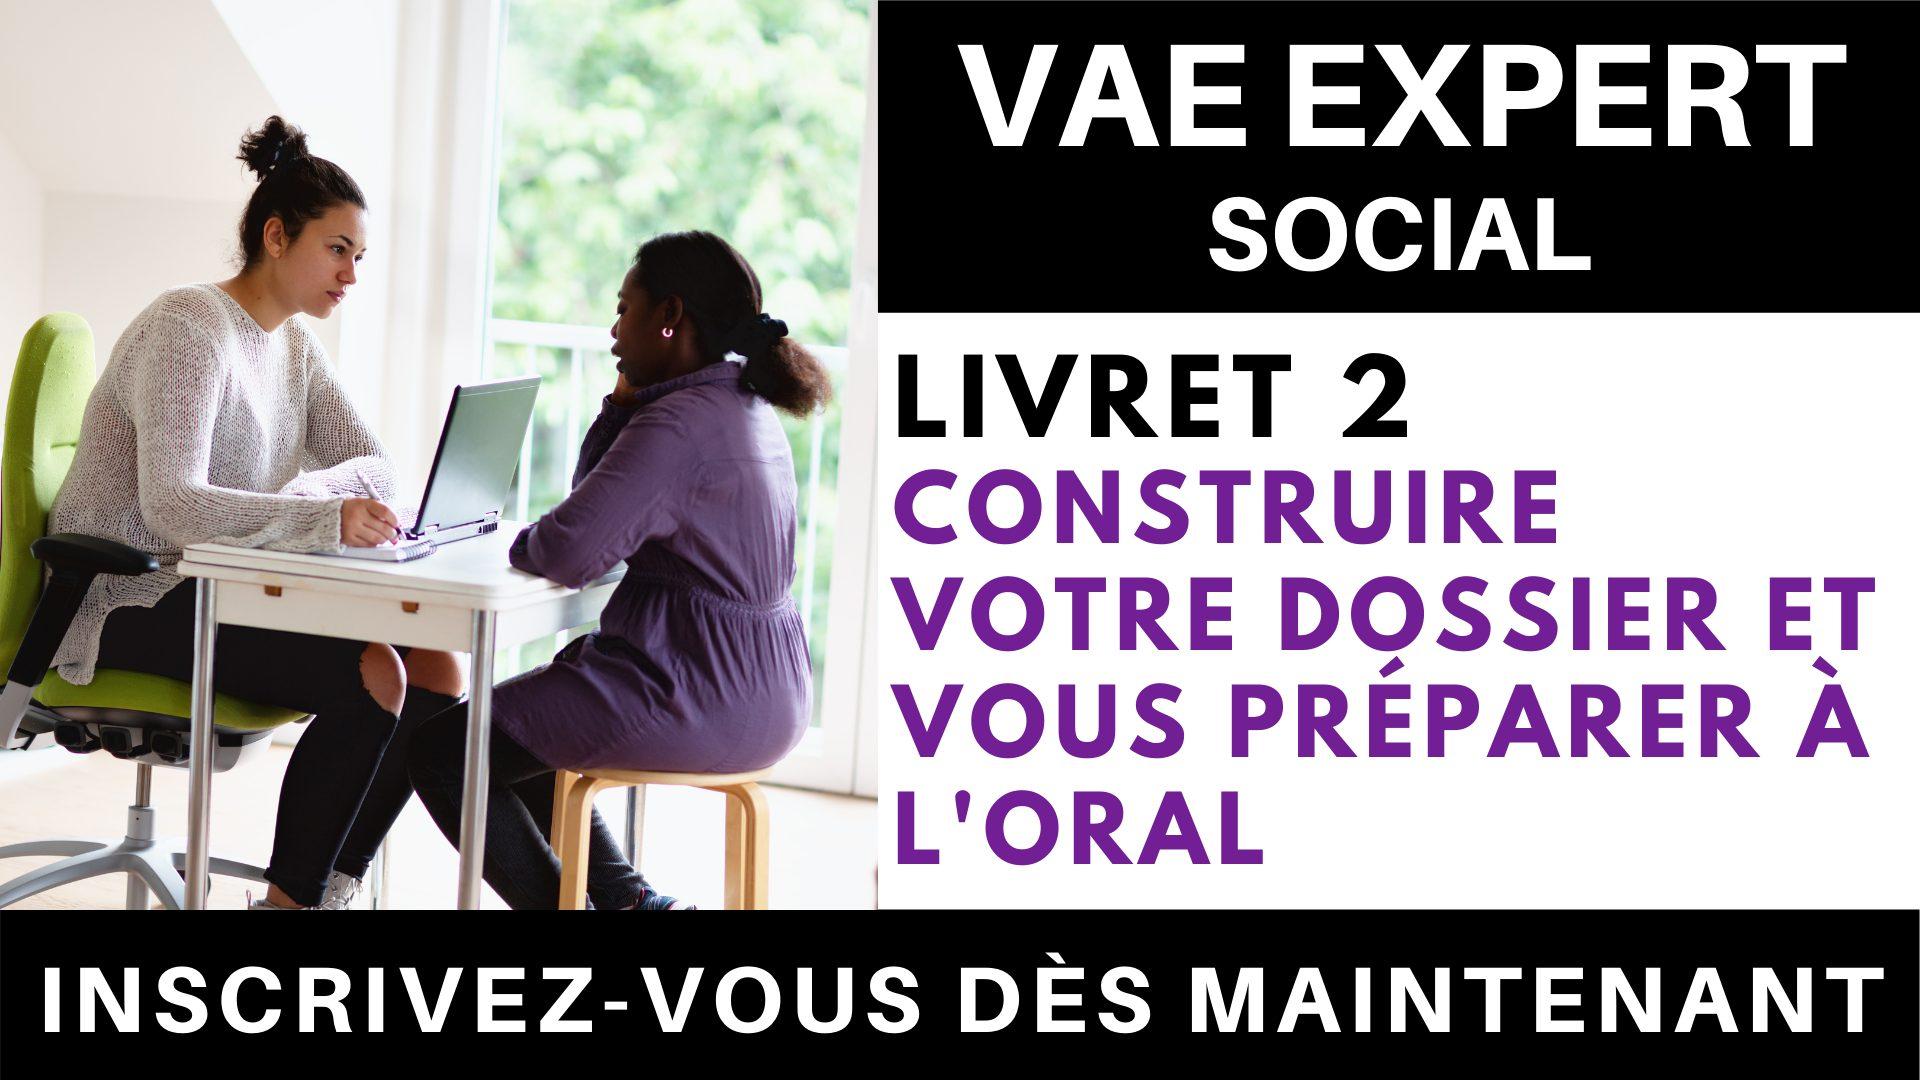 VAE EXPERT SOCIAL - Livret 2 Construire votre dossier et vous préparer à l'oral